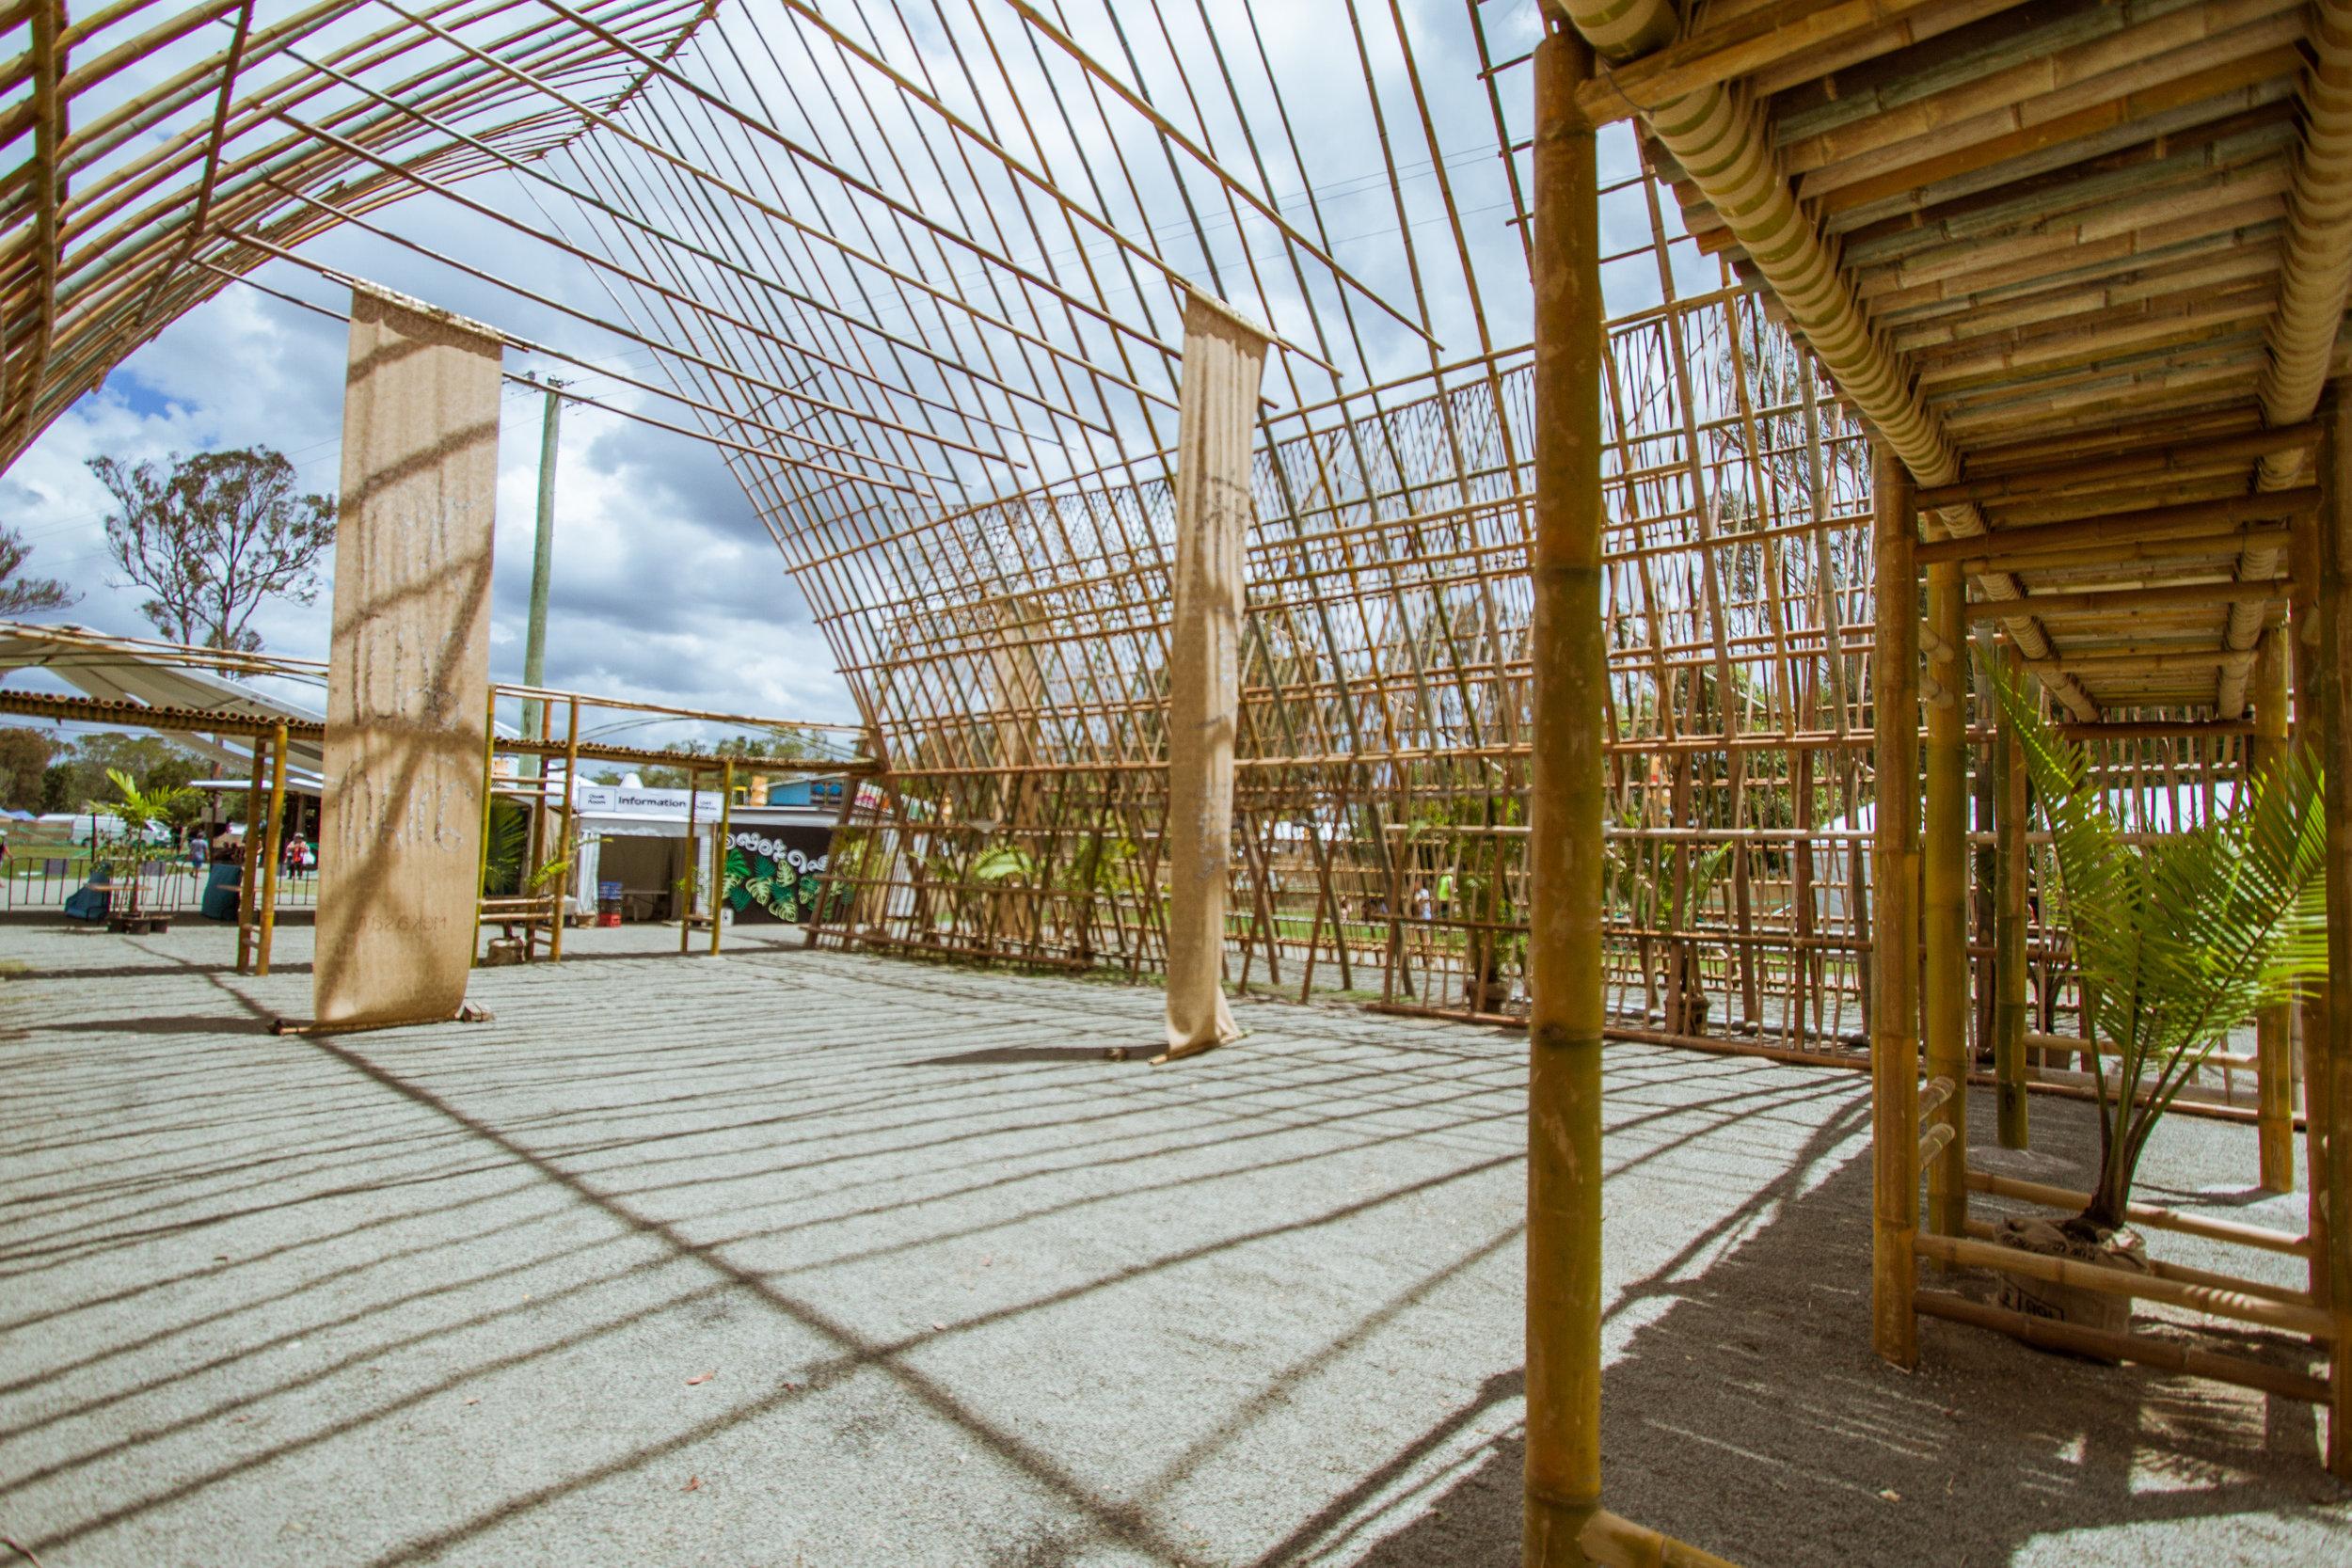 Mekasan photography by Mercurio Alvarado  (3 of 14).jpg